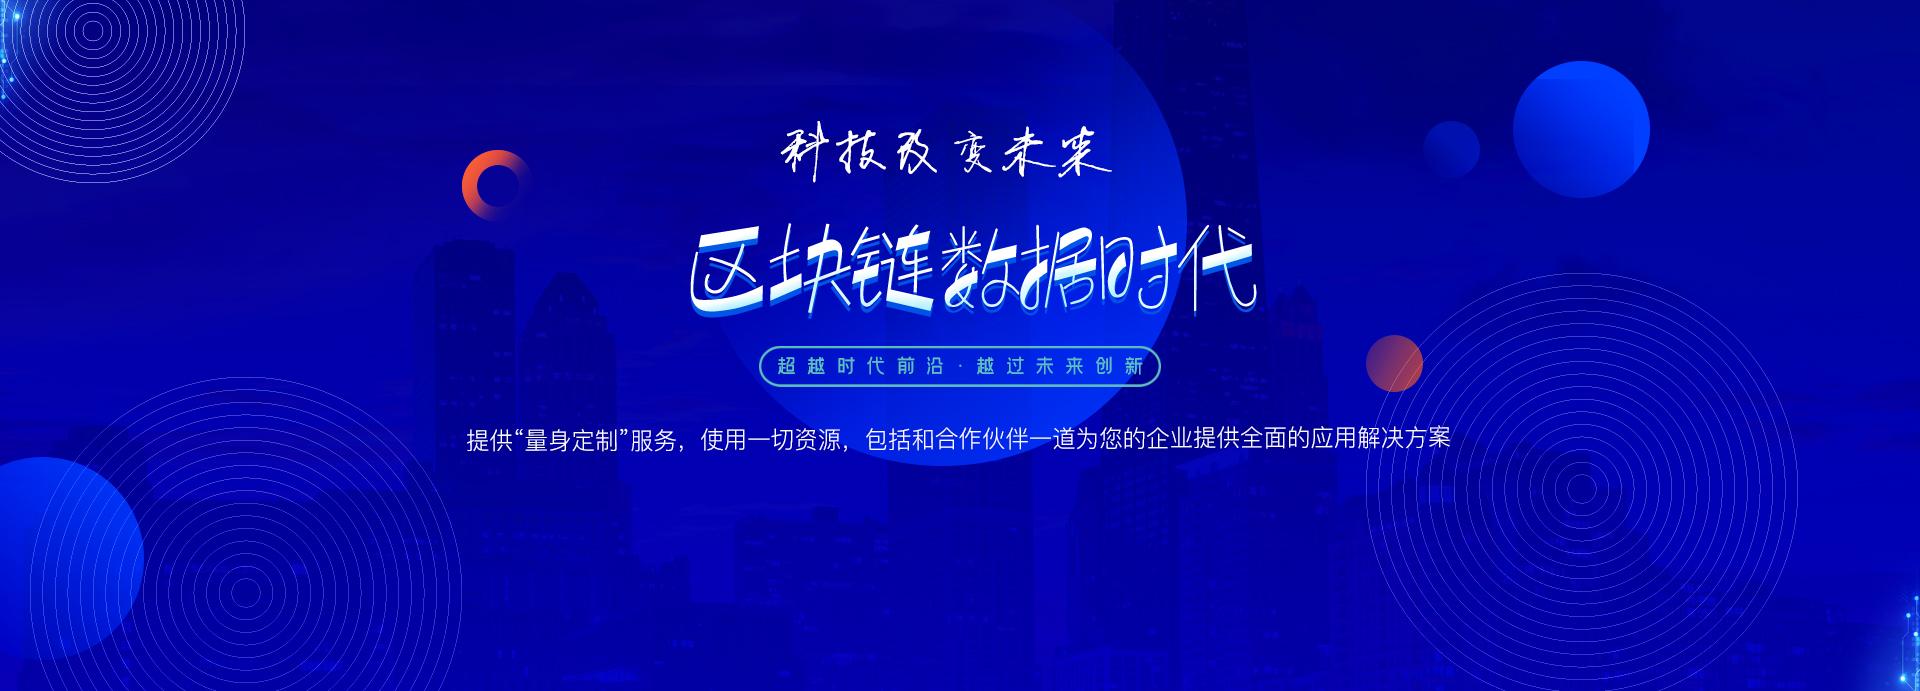 锦州网络营销